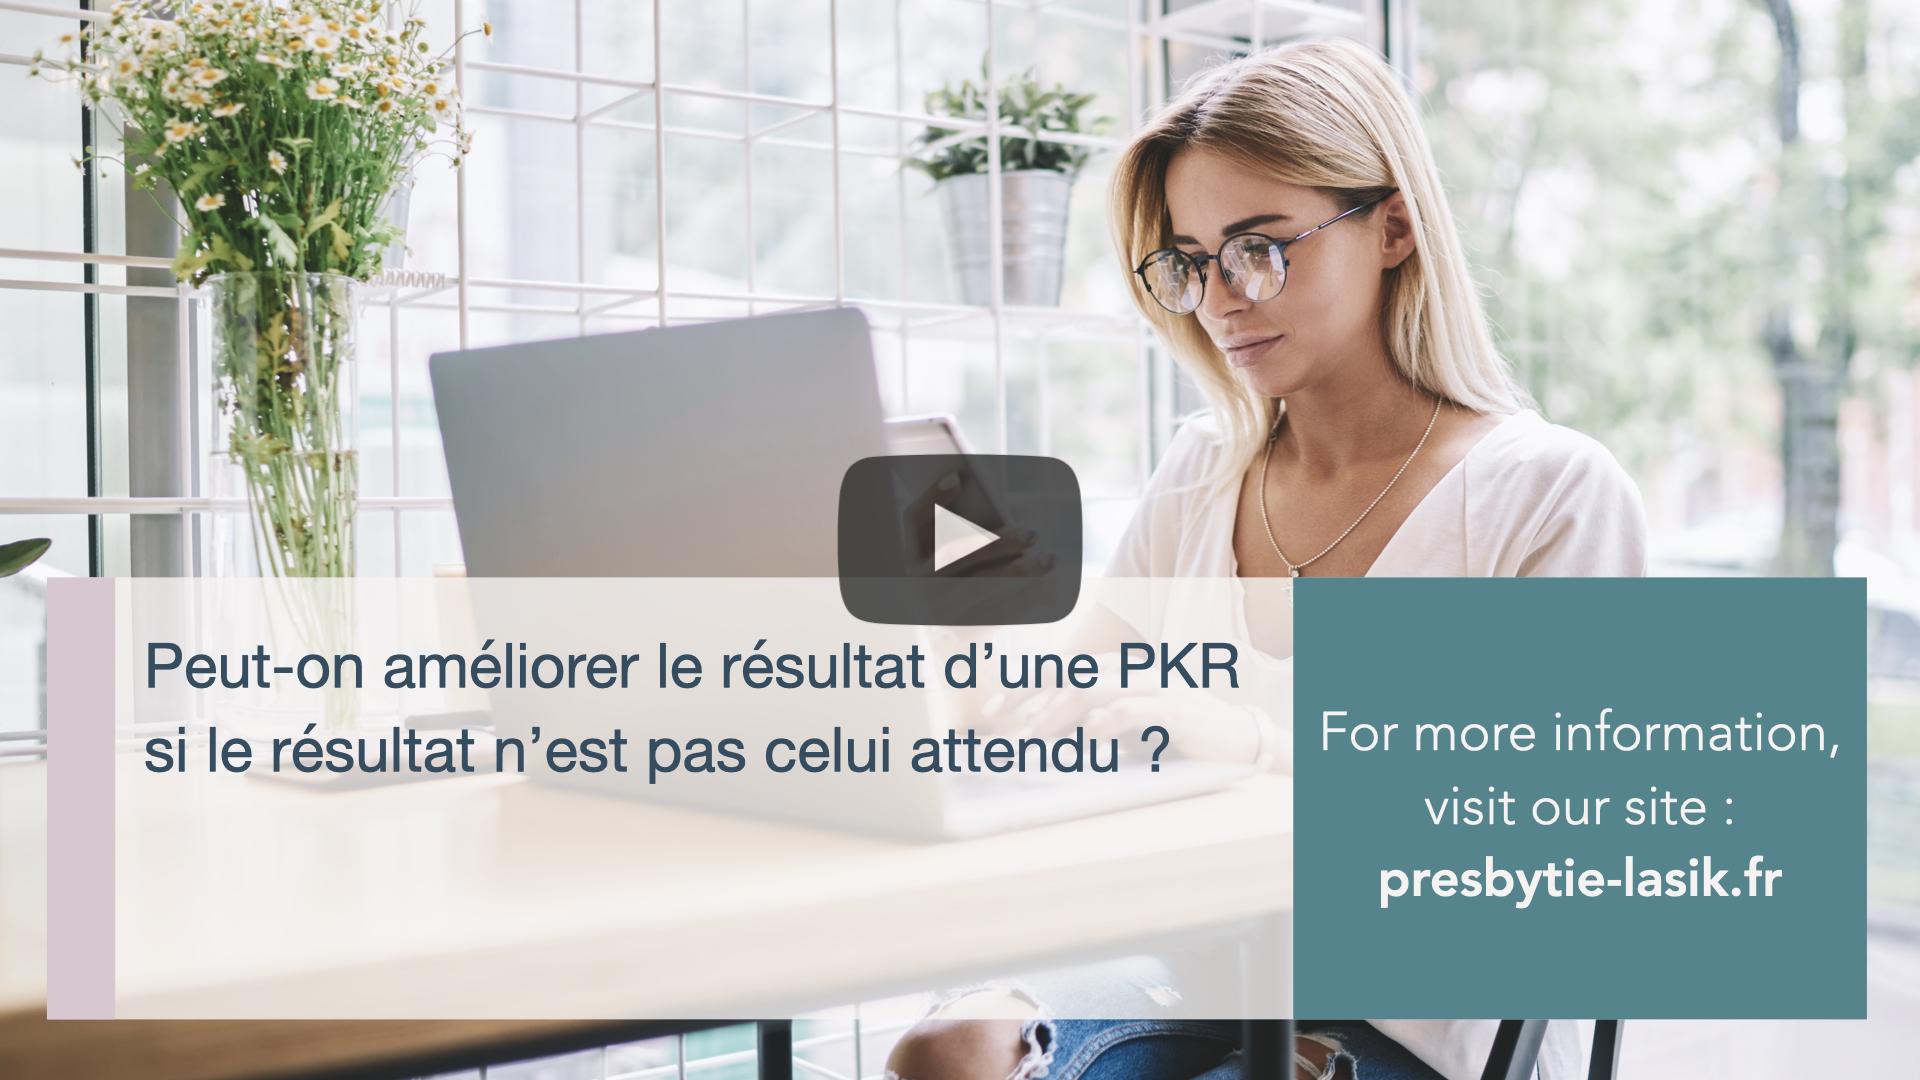 Peut on améliorer le résultat dune PKR si le résultat nest pas celui attendu Catherine-Albou-Ganem-Clinique-de-la-Vision-Paris